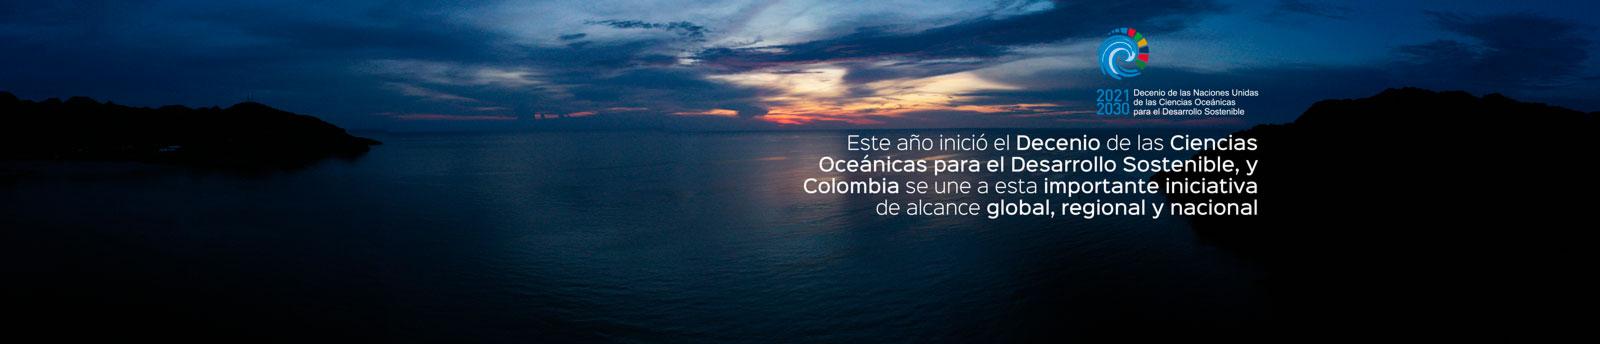 Decenio de las Ciencias Oceánicas para el Desarrollo Sostenible 2021-2030